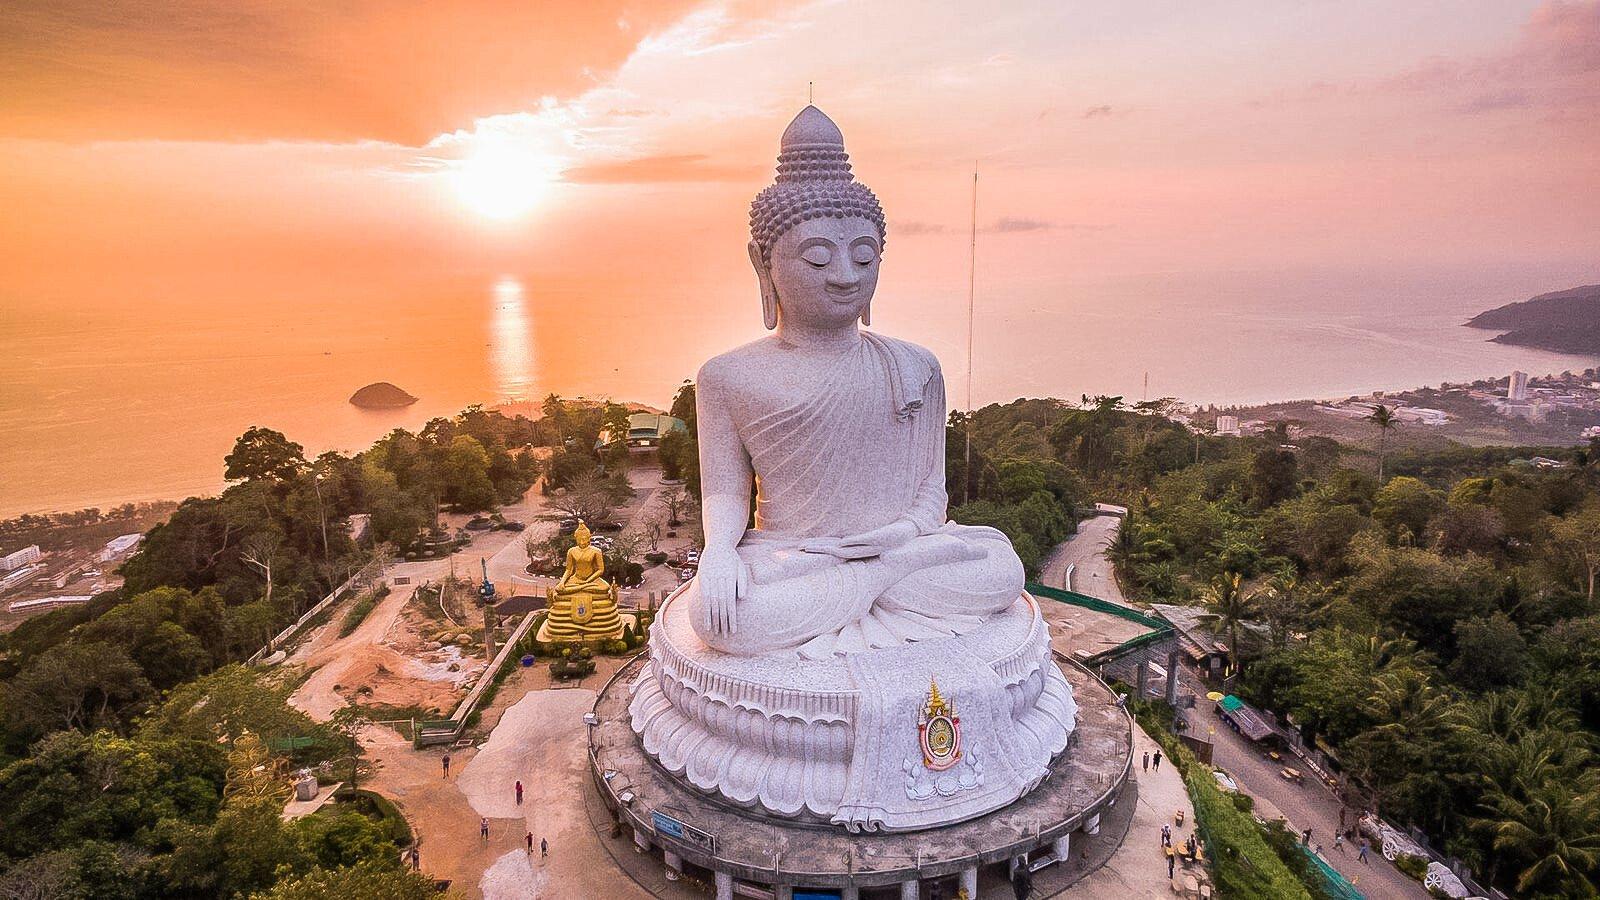 Phra Puttamingmongkol Akenakkiri Buddha or Big Buddhais a seated Maravija Buddha statue inPhuket, Thailand.